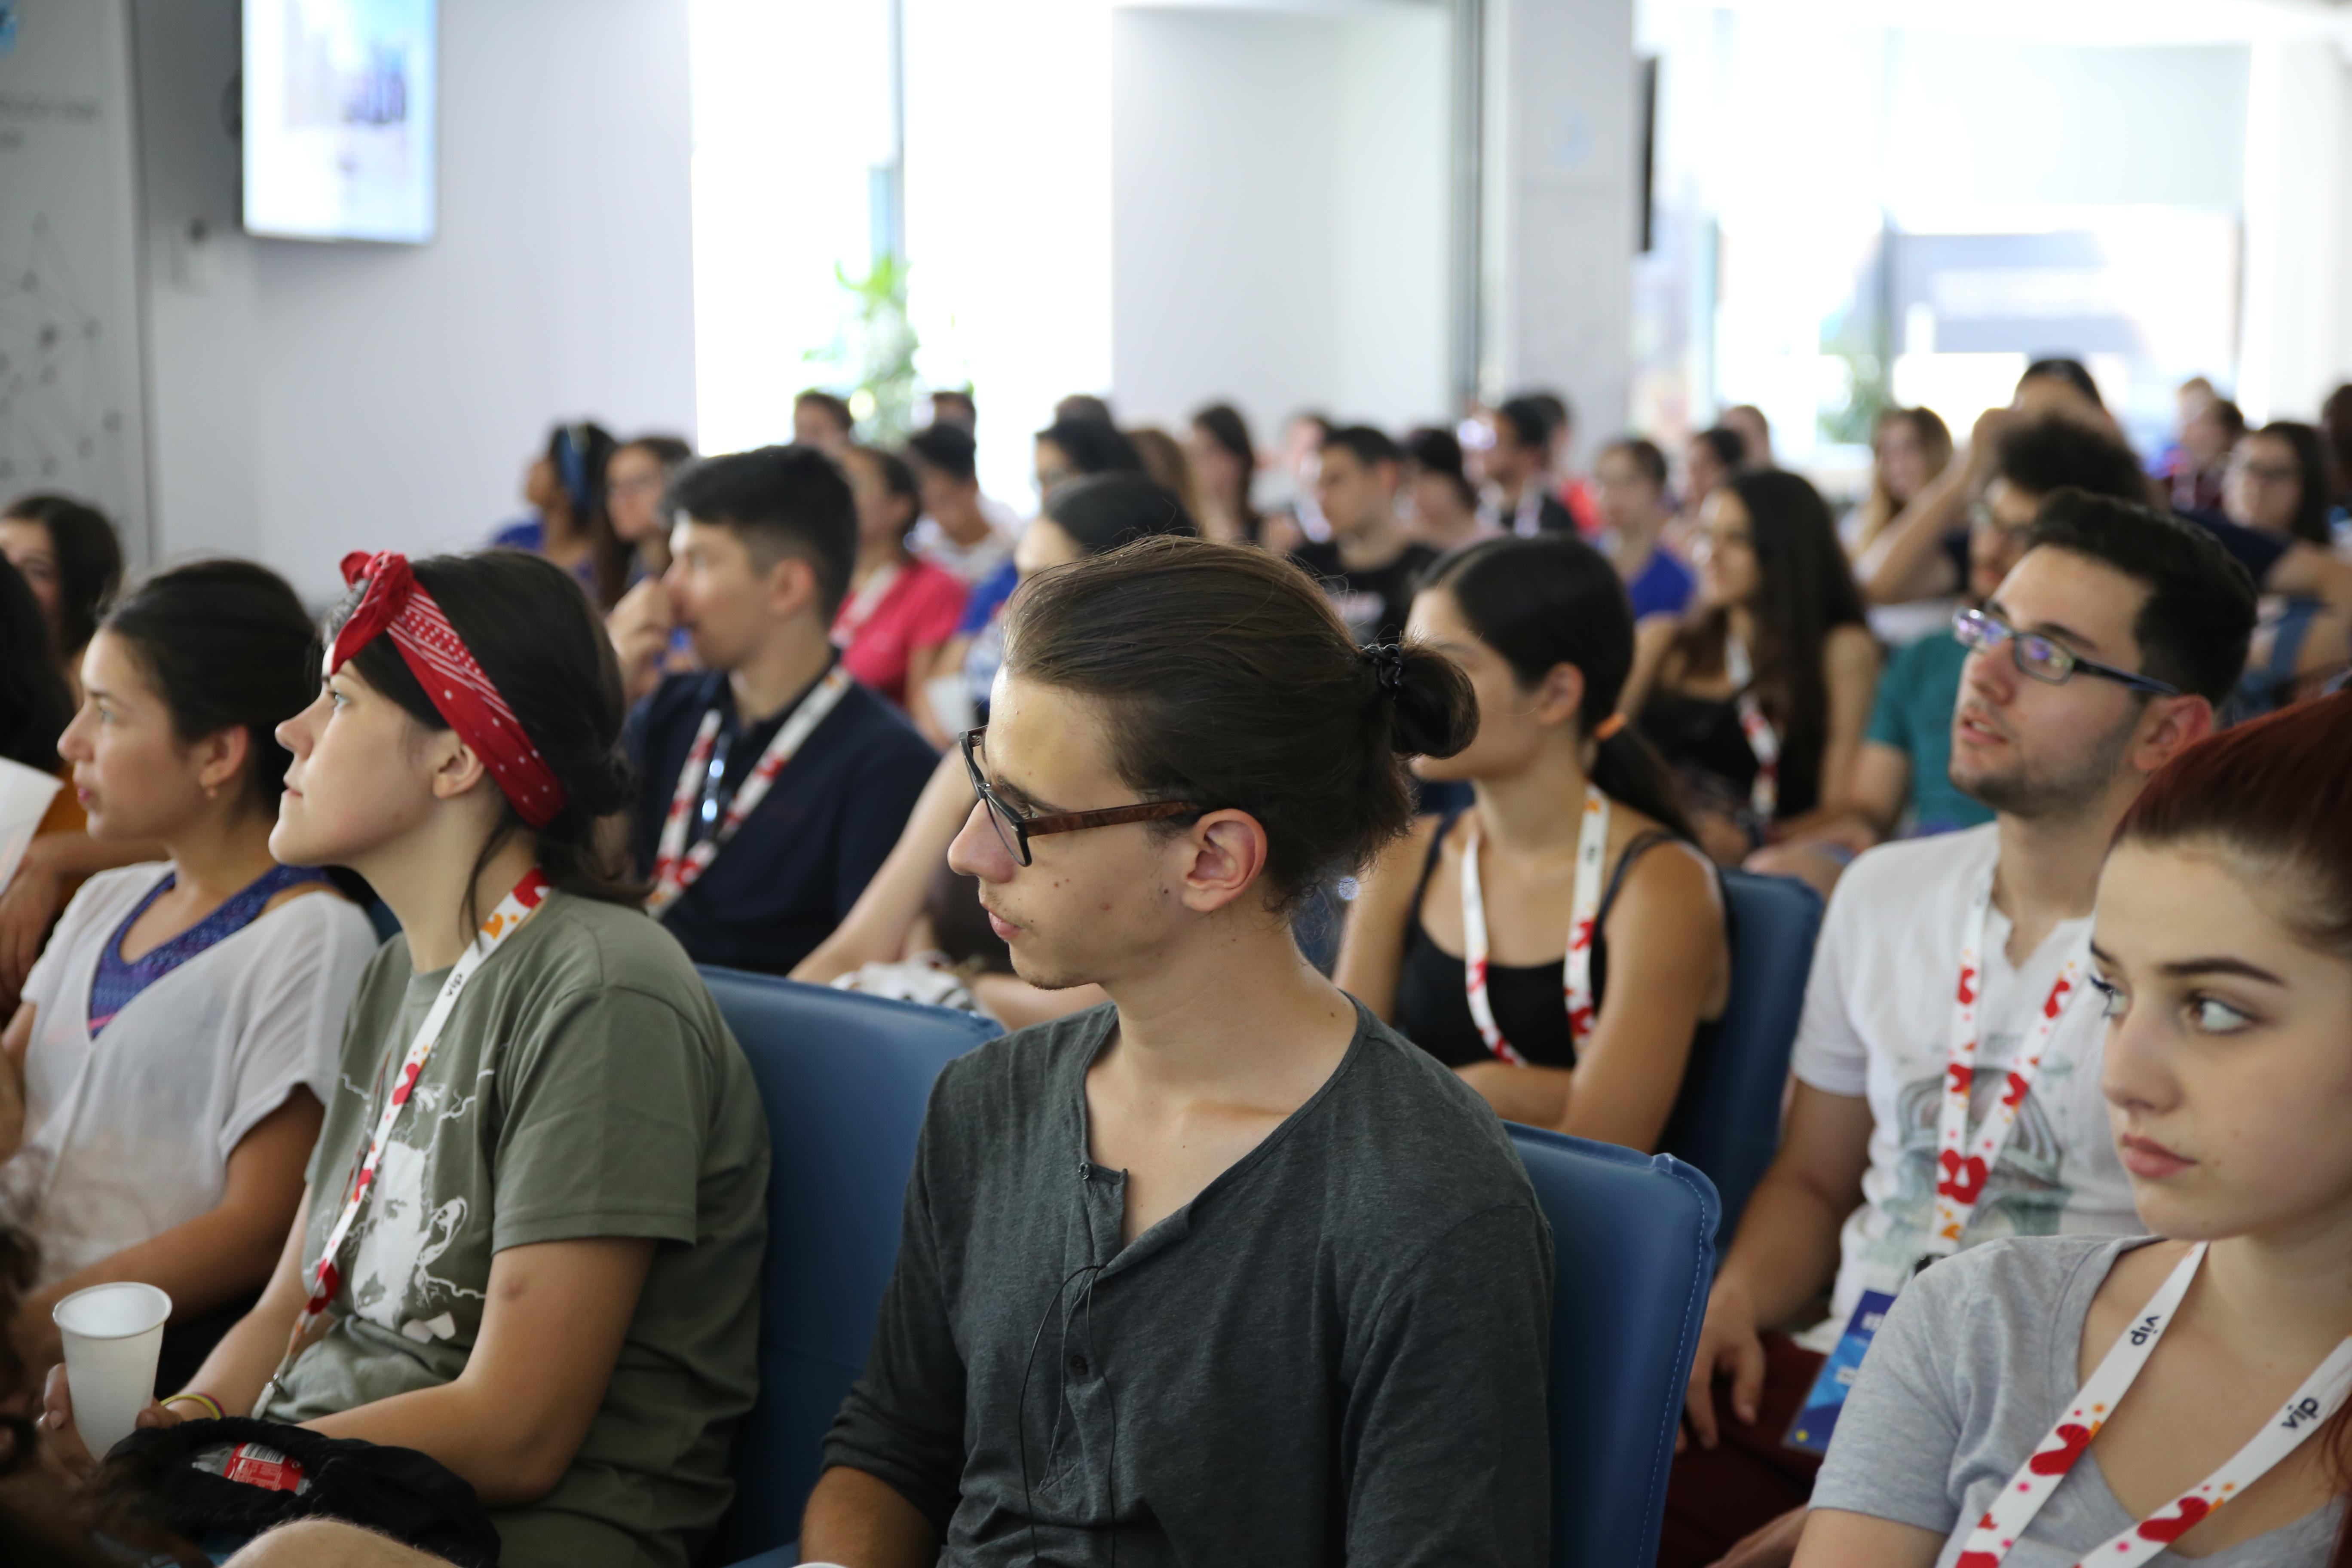 Око 150 студента посетило НТП Београд у оквиру 13. Међународне студентске недеље